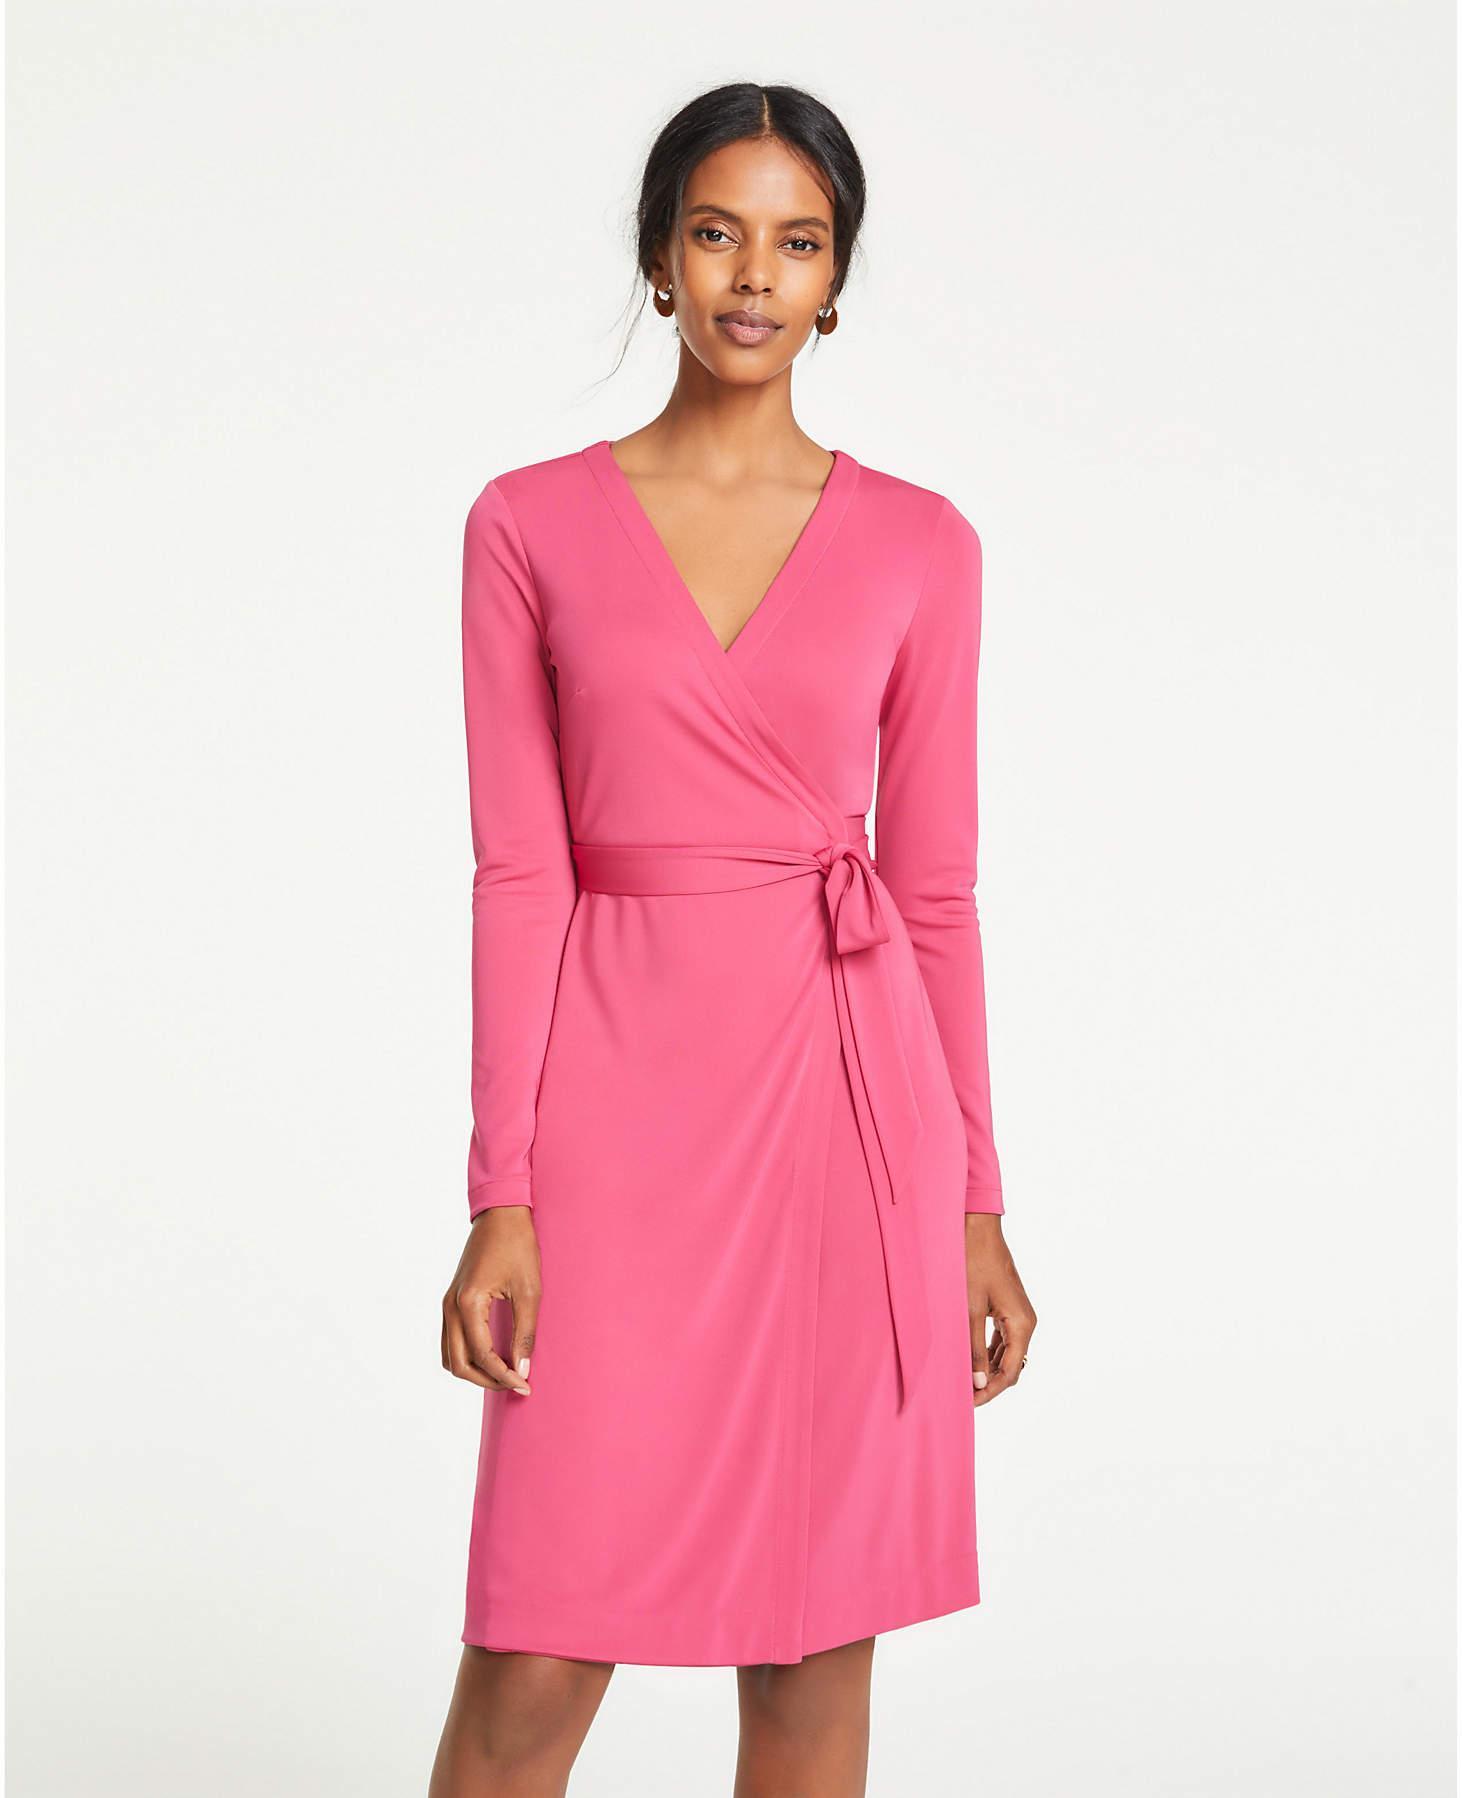 2c6d83eeae4 Lyst - Ann Taylor Matte Jersey Wrap Dress in Pink